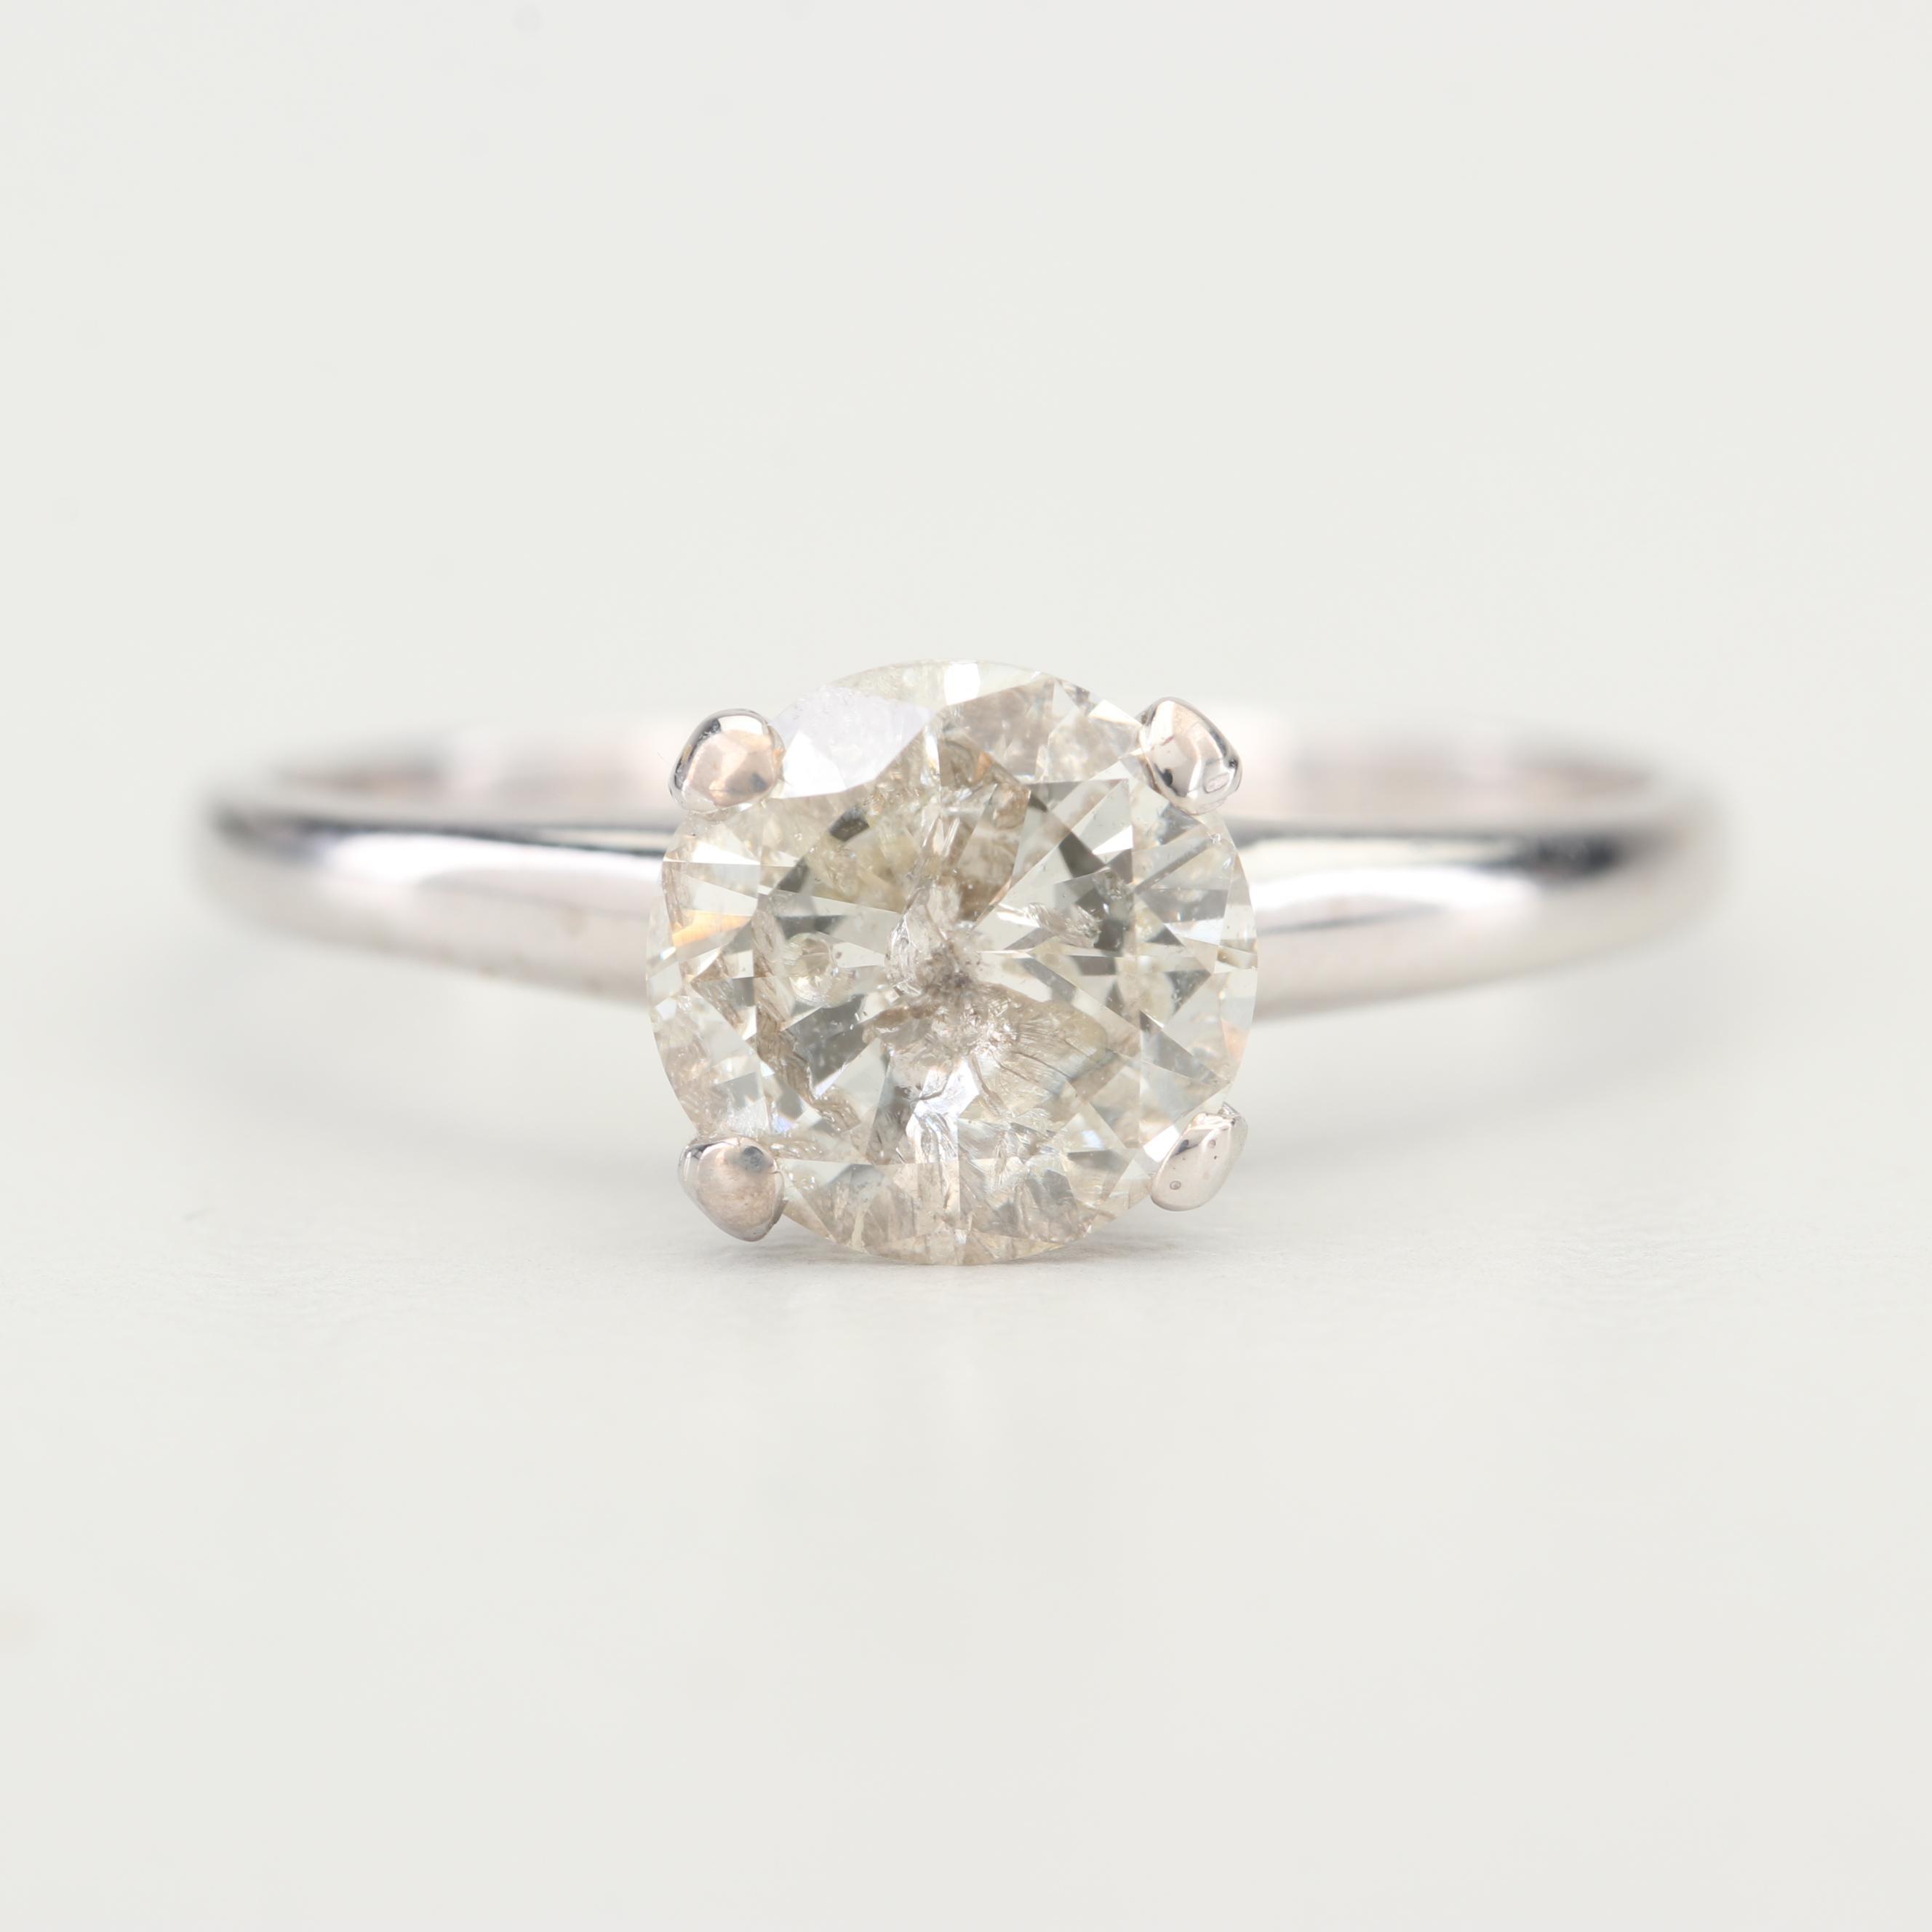 Platinum and 1.56 CT Diamond Solitaire Ring